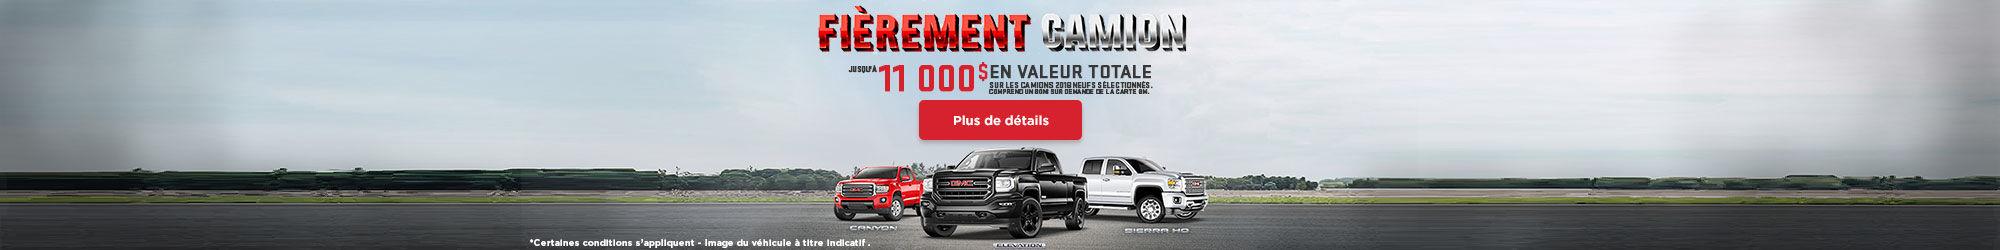 Fièrement Camion - GMC